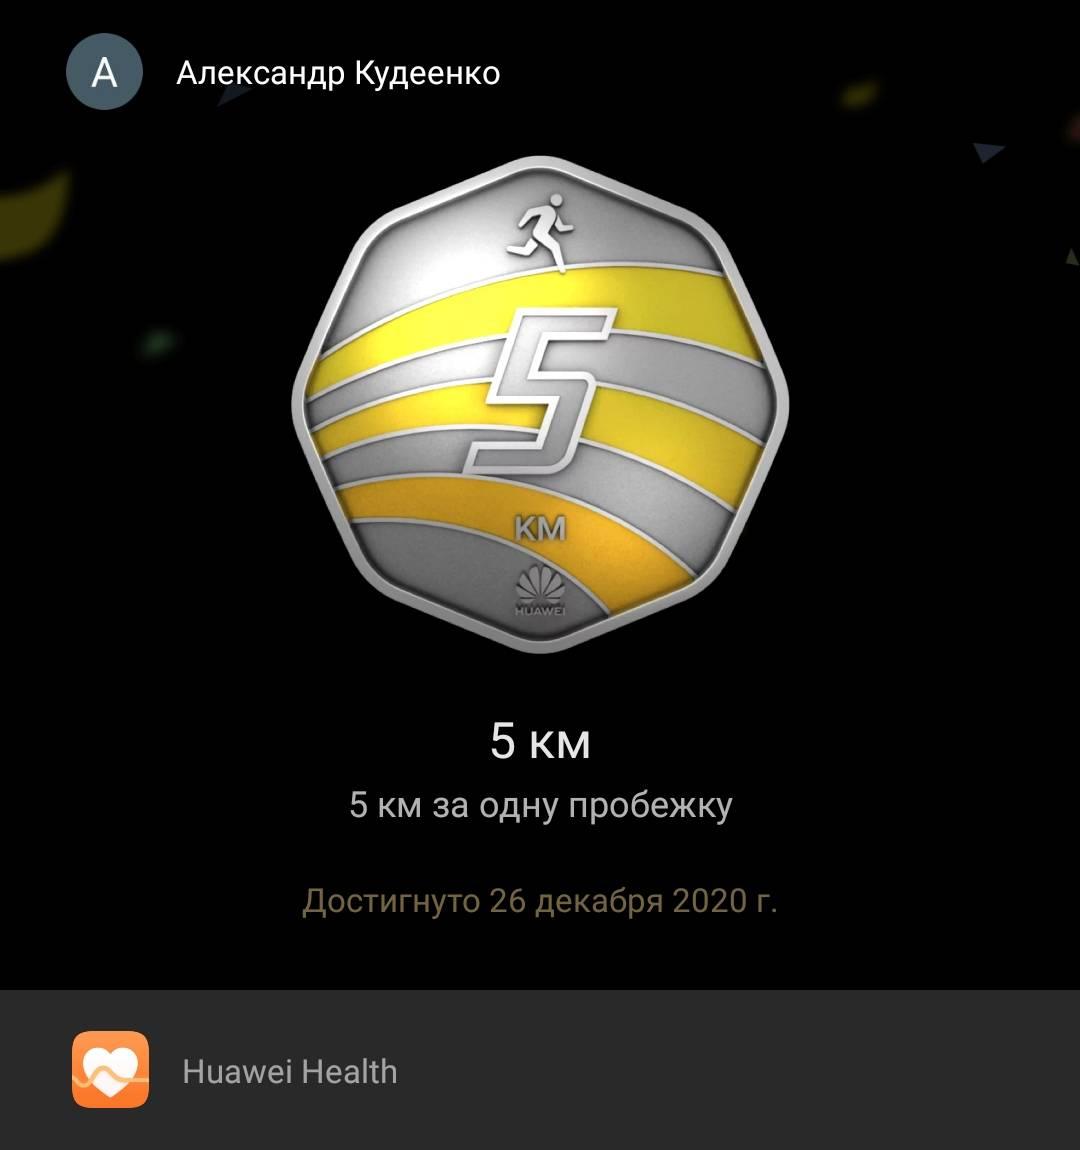 Впервые пять километров за одну пробежку я преодолел через пять недель после начала тренировок